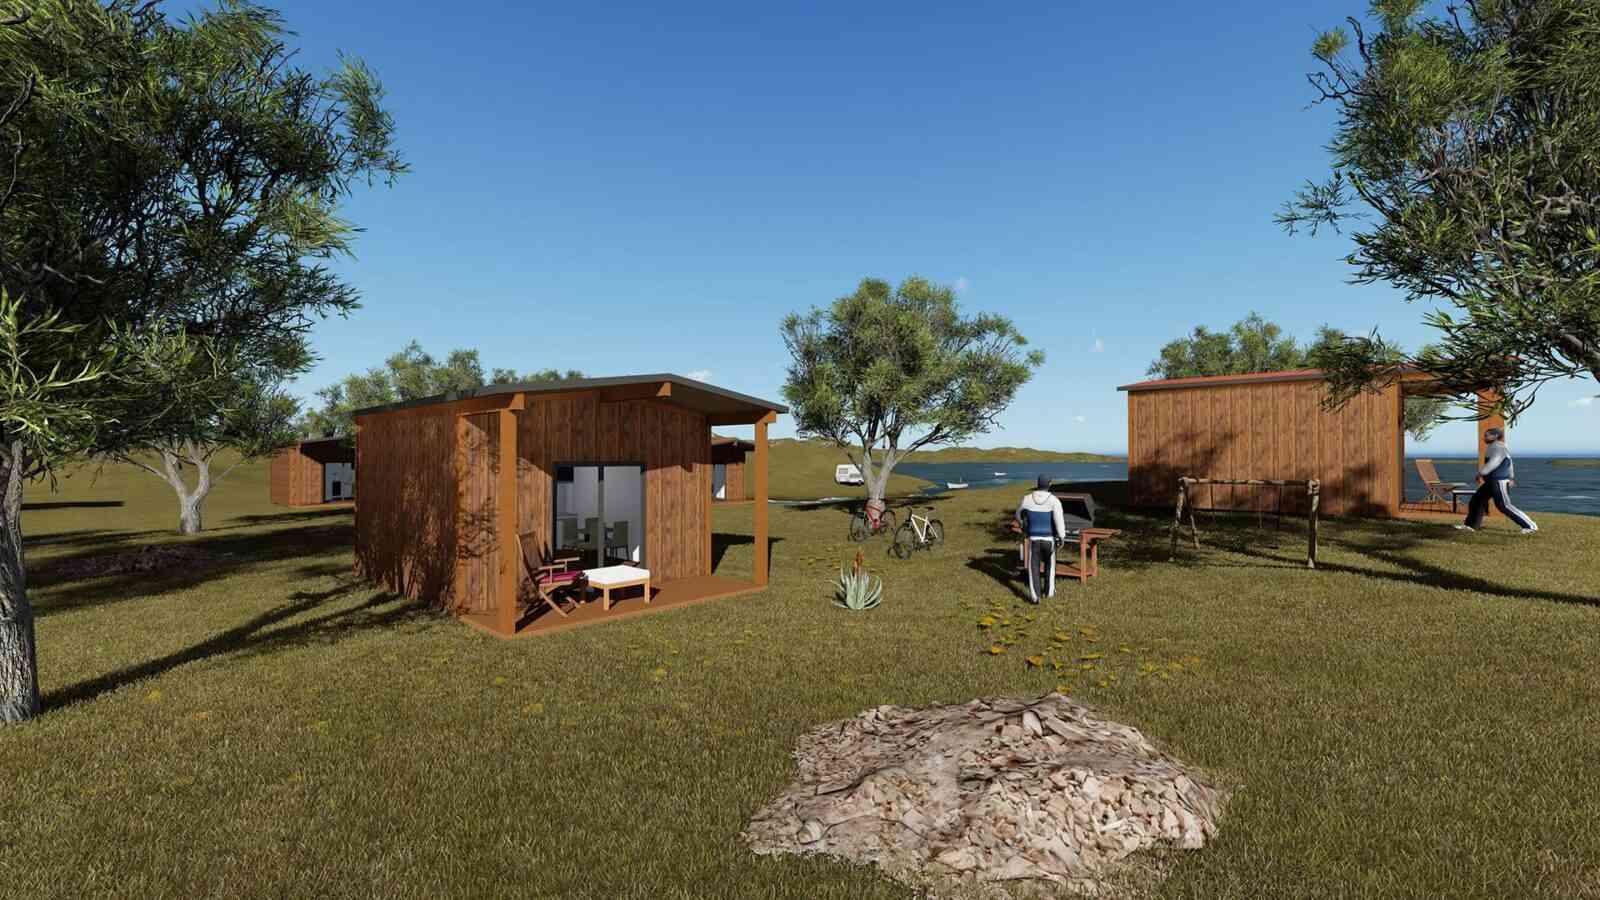 Casa de madeira modelo Solução Turismo 27m², em Portugal